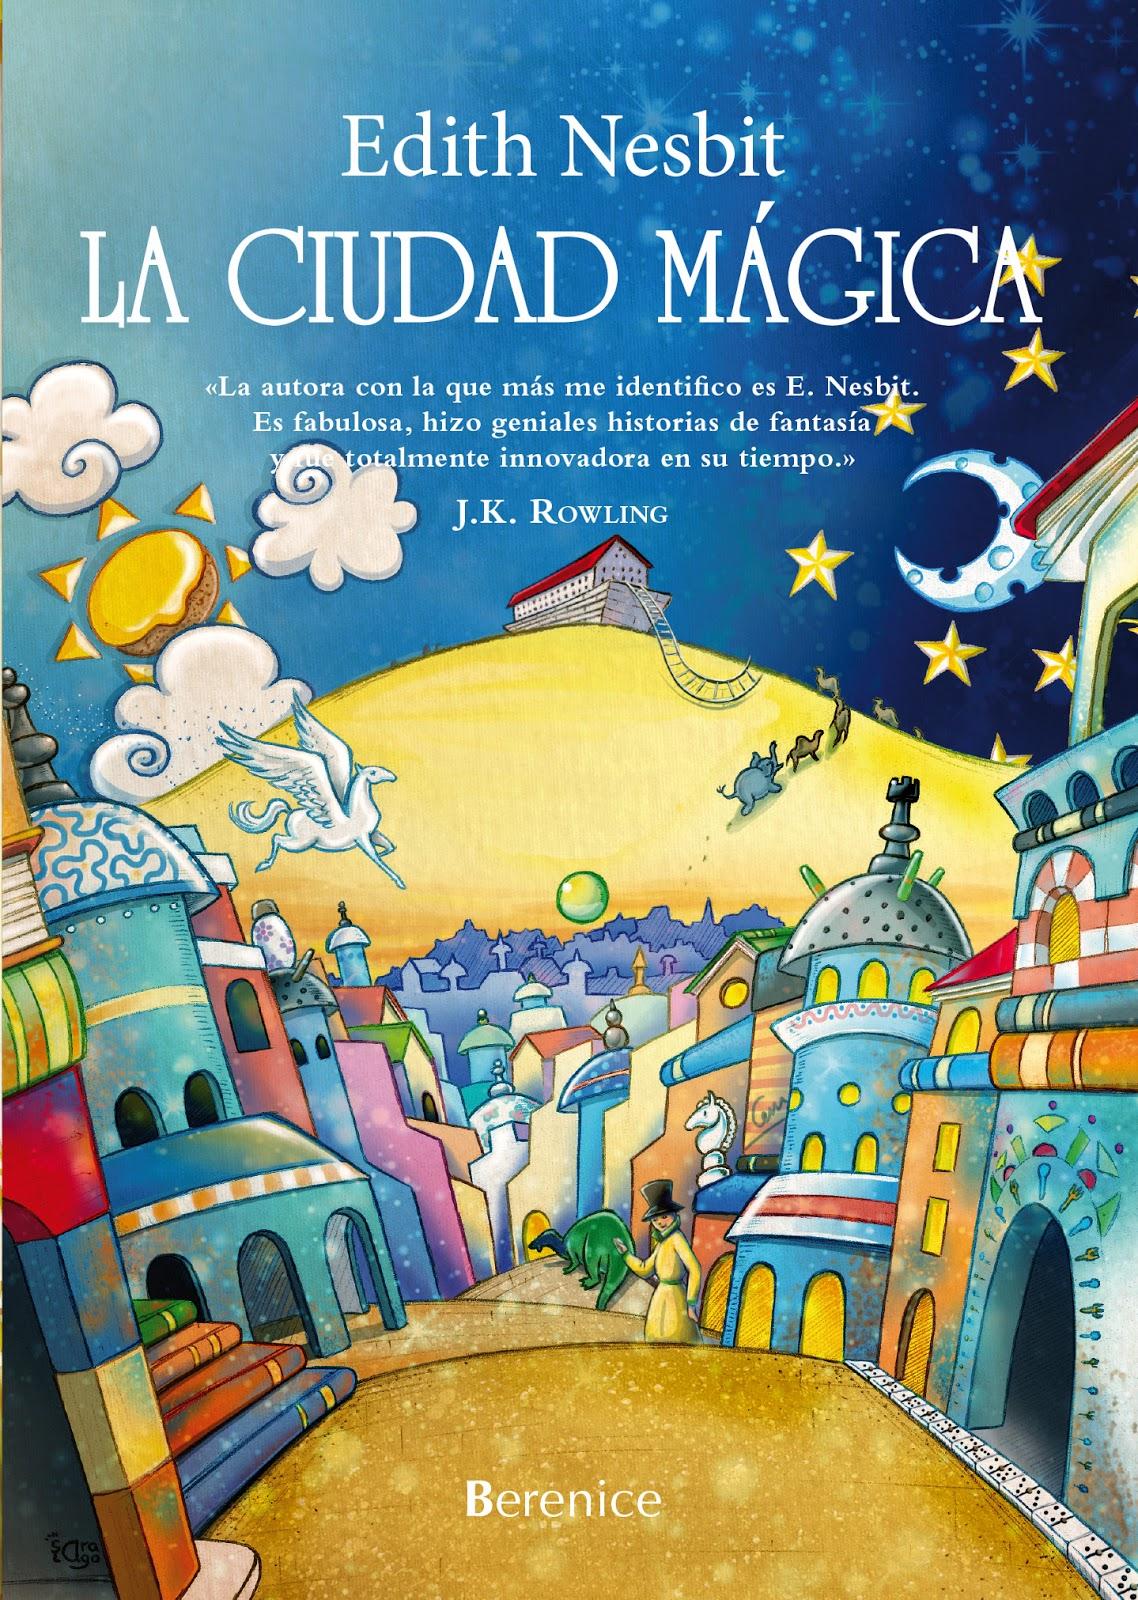 La ciudad mágica